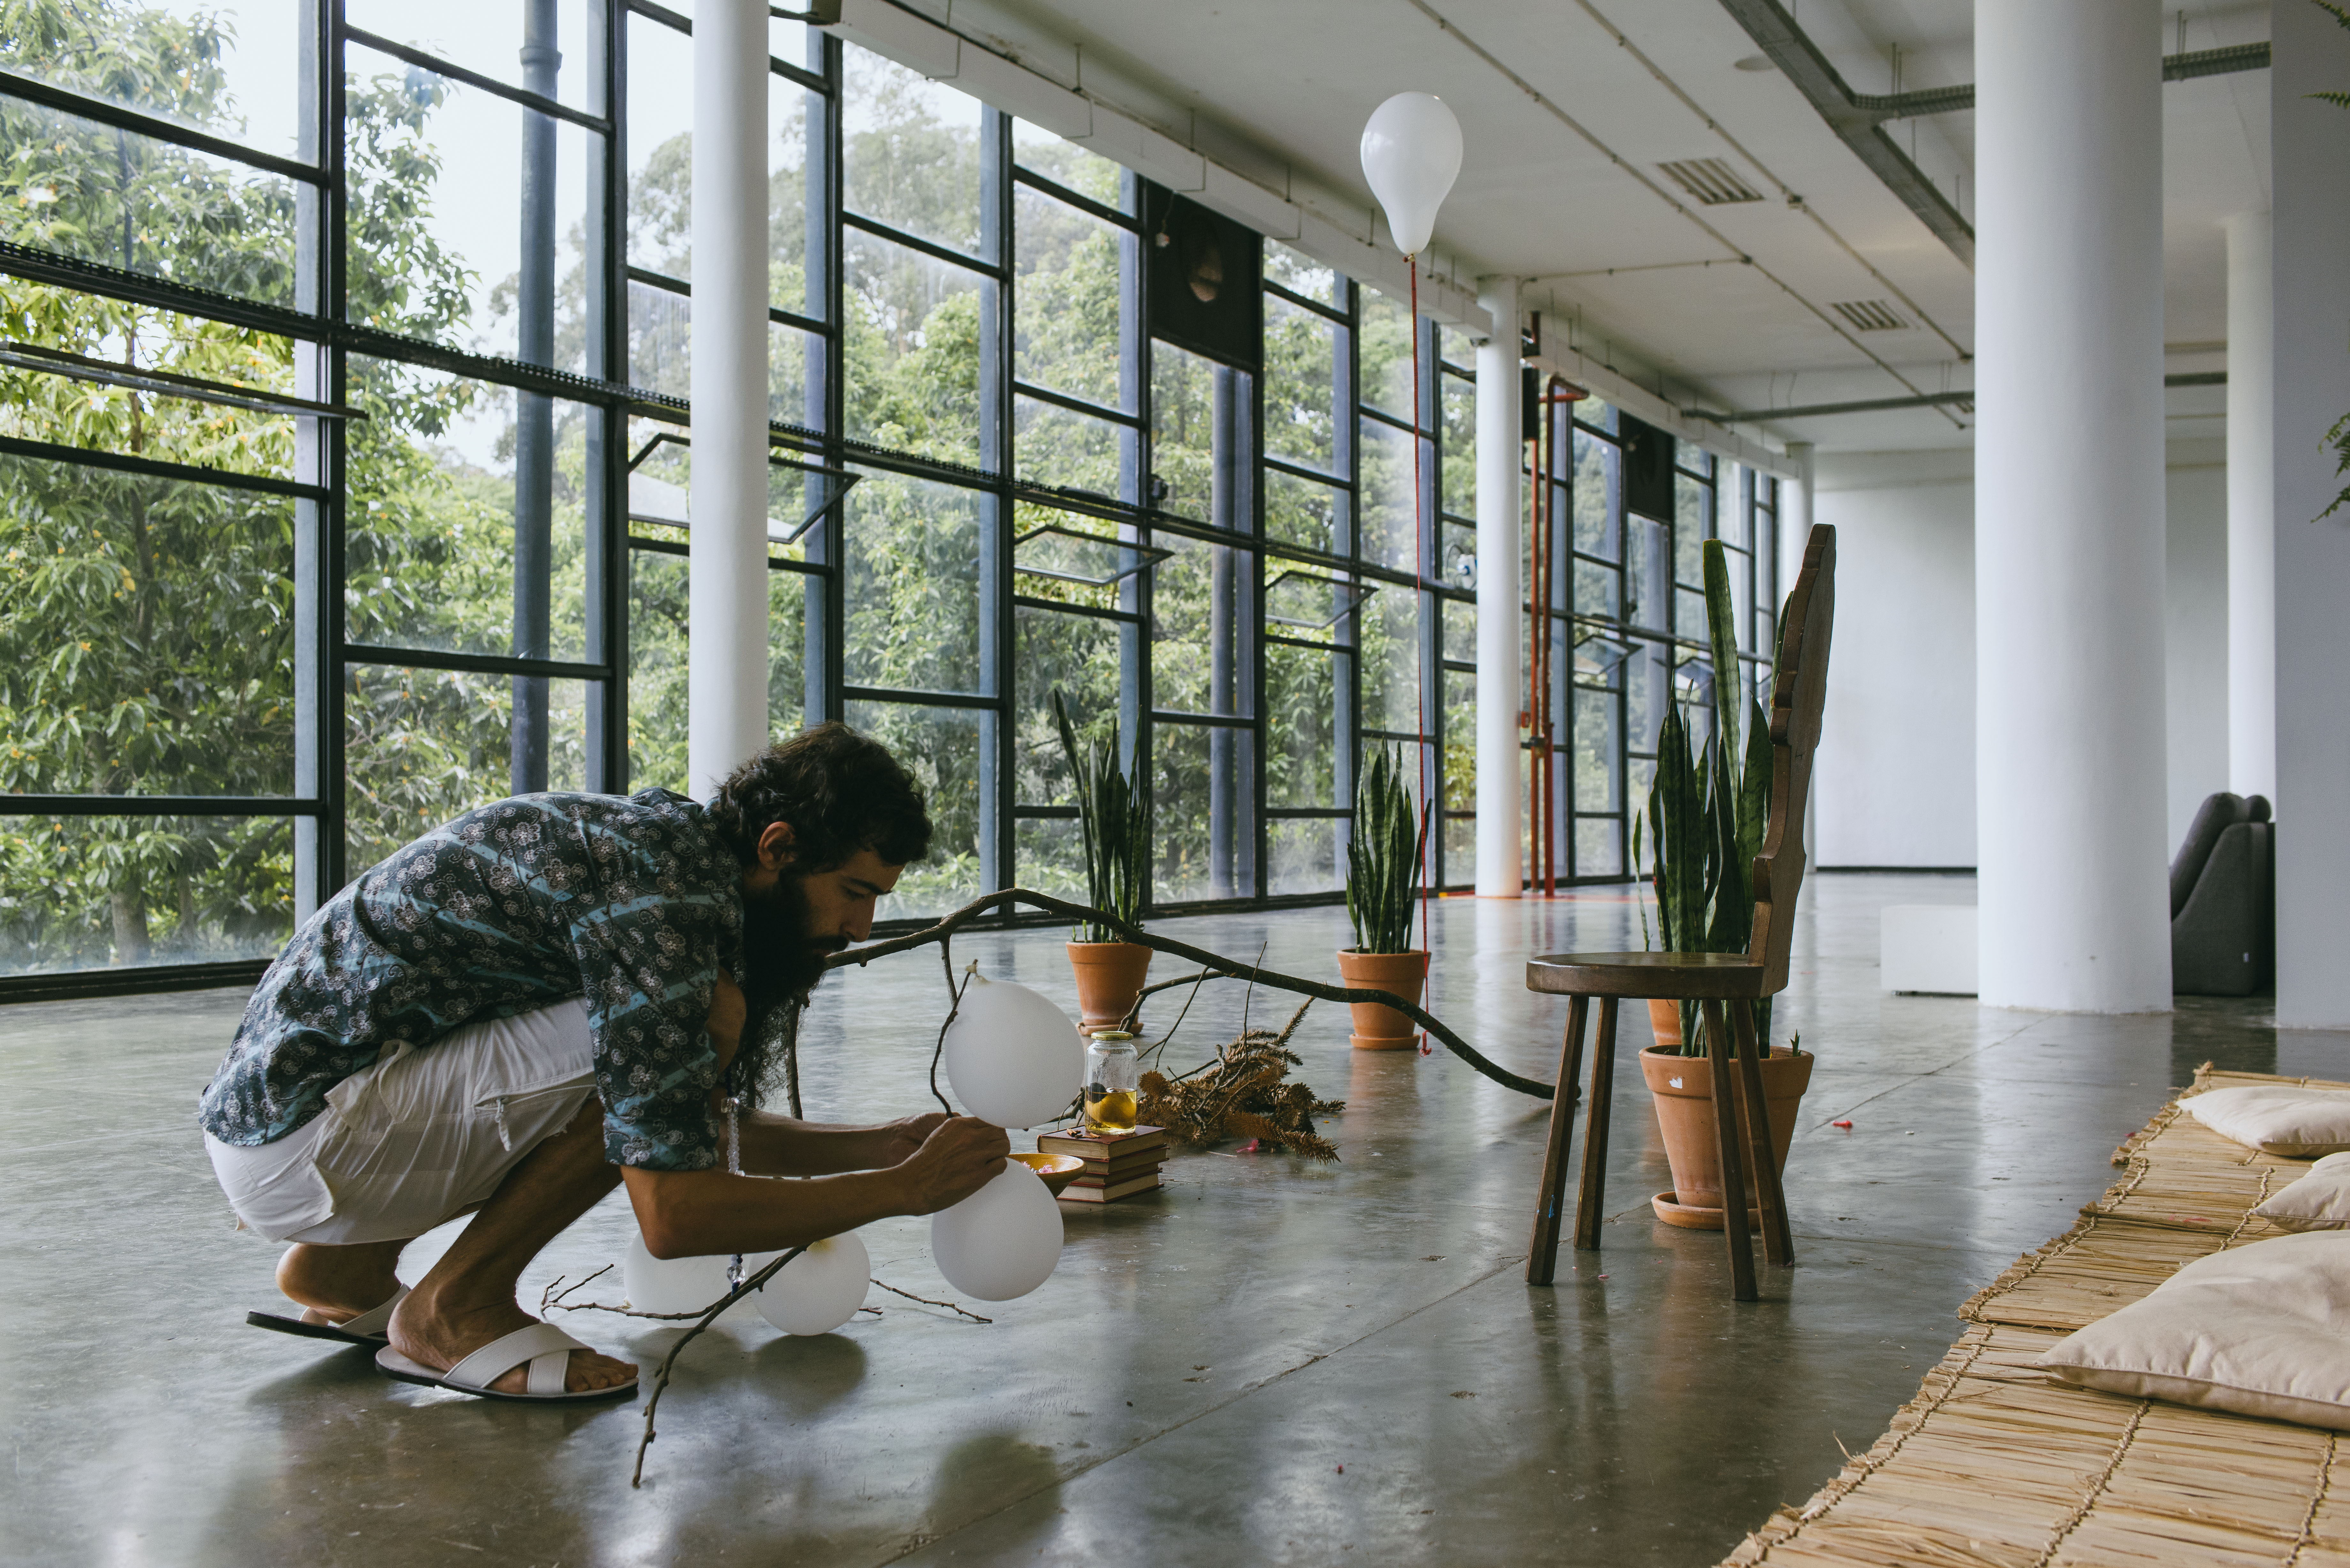 Performance de Arthur Scovino durante a última edição da Bienal, em 2014